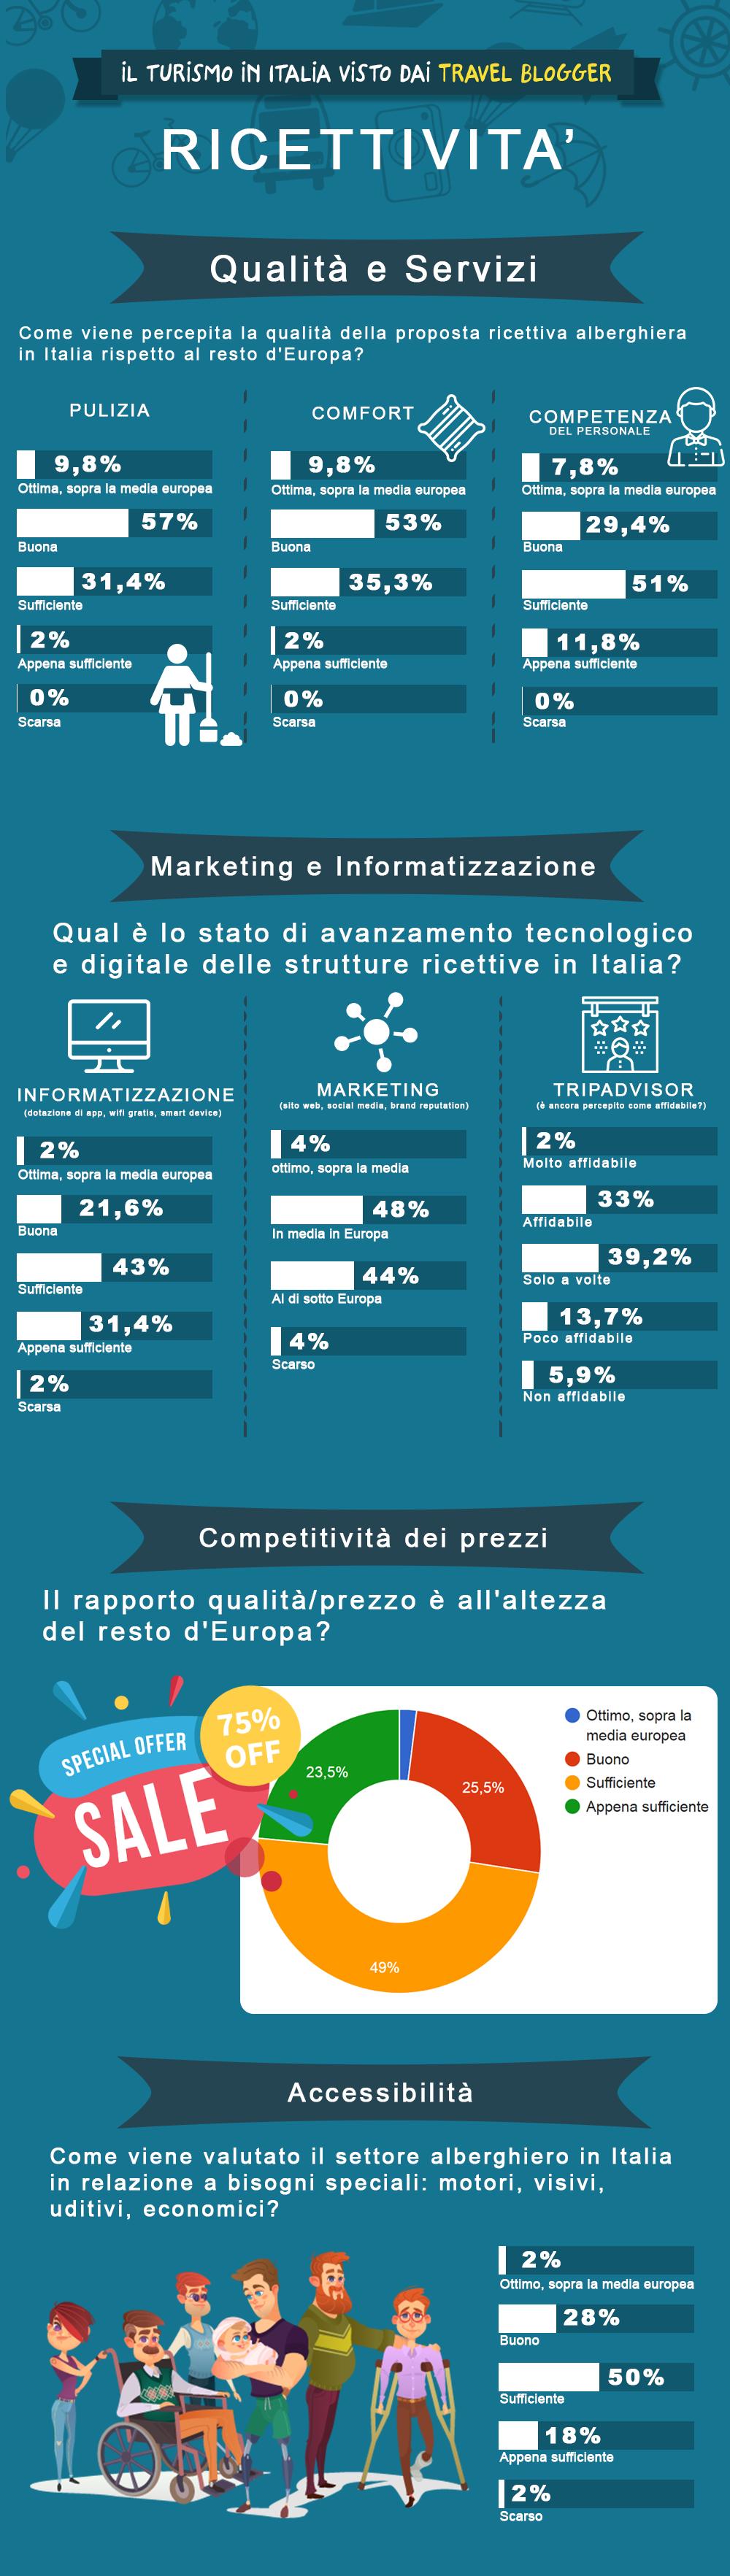 turismo in Italia statistiche sulla ricettività